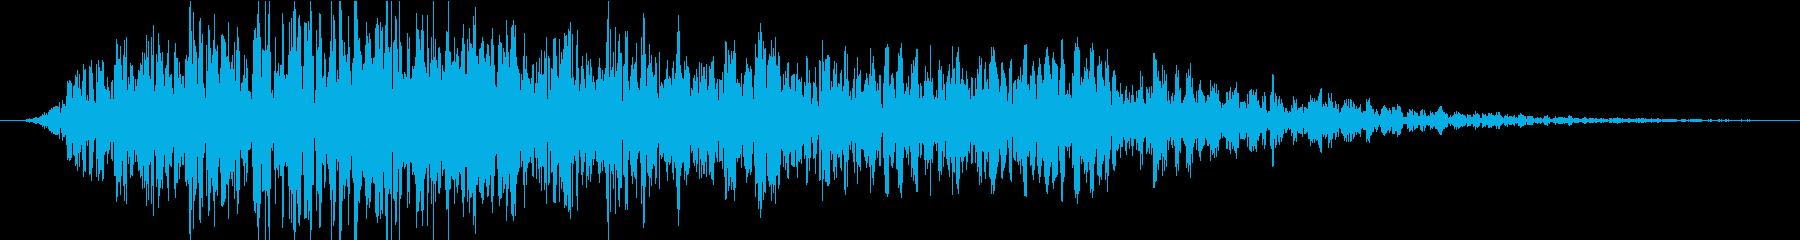 怪獣、モンスター、化け物等の唸り声の再生済みの波形